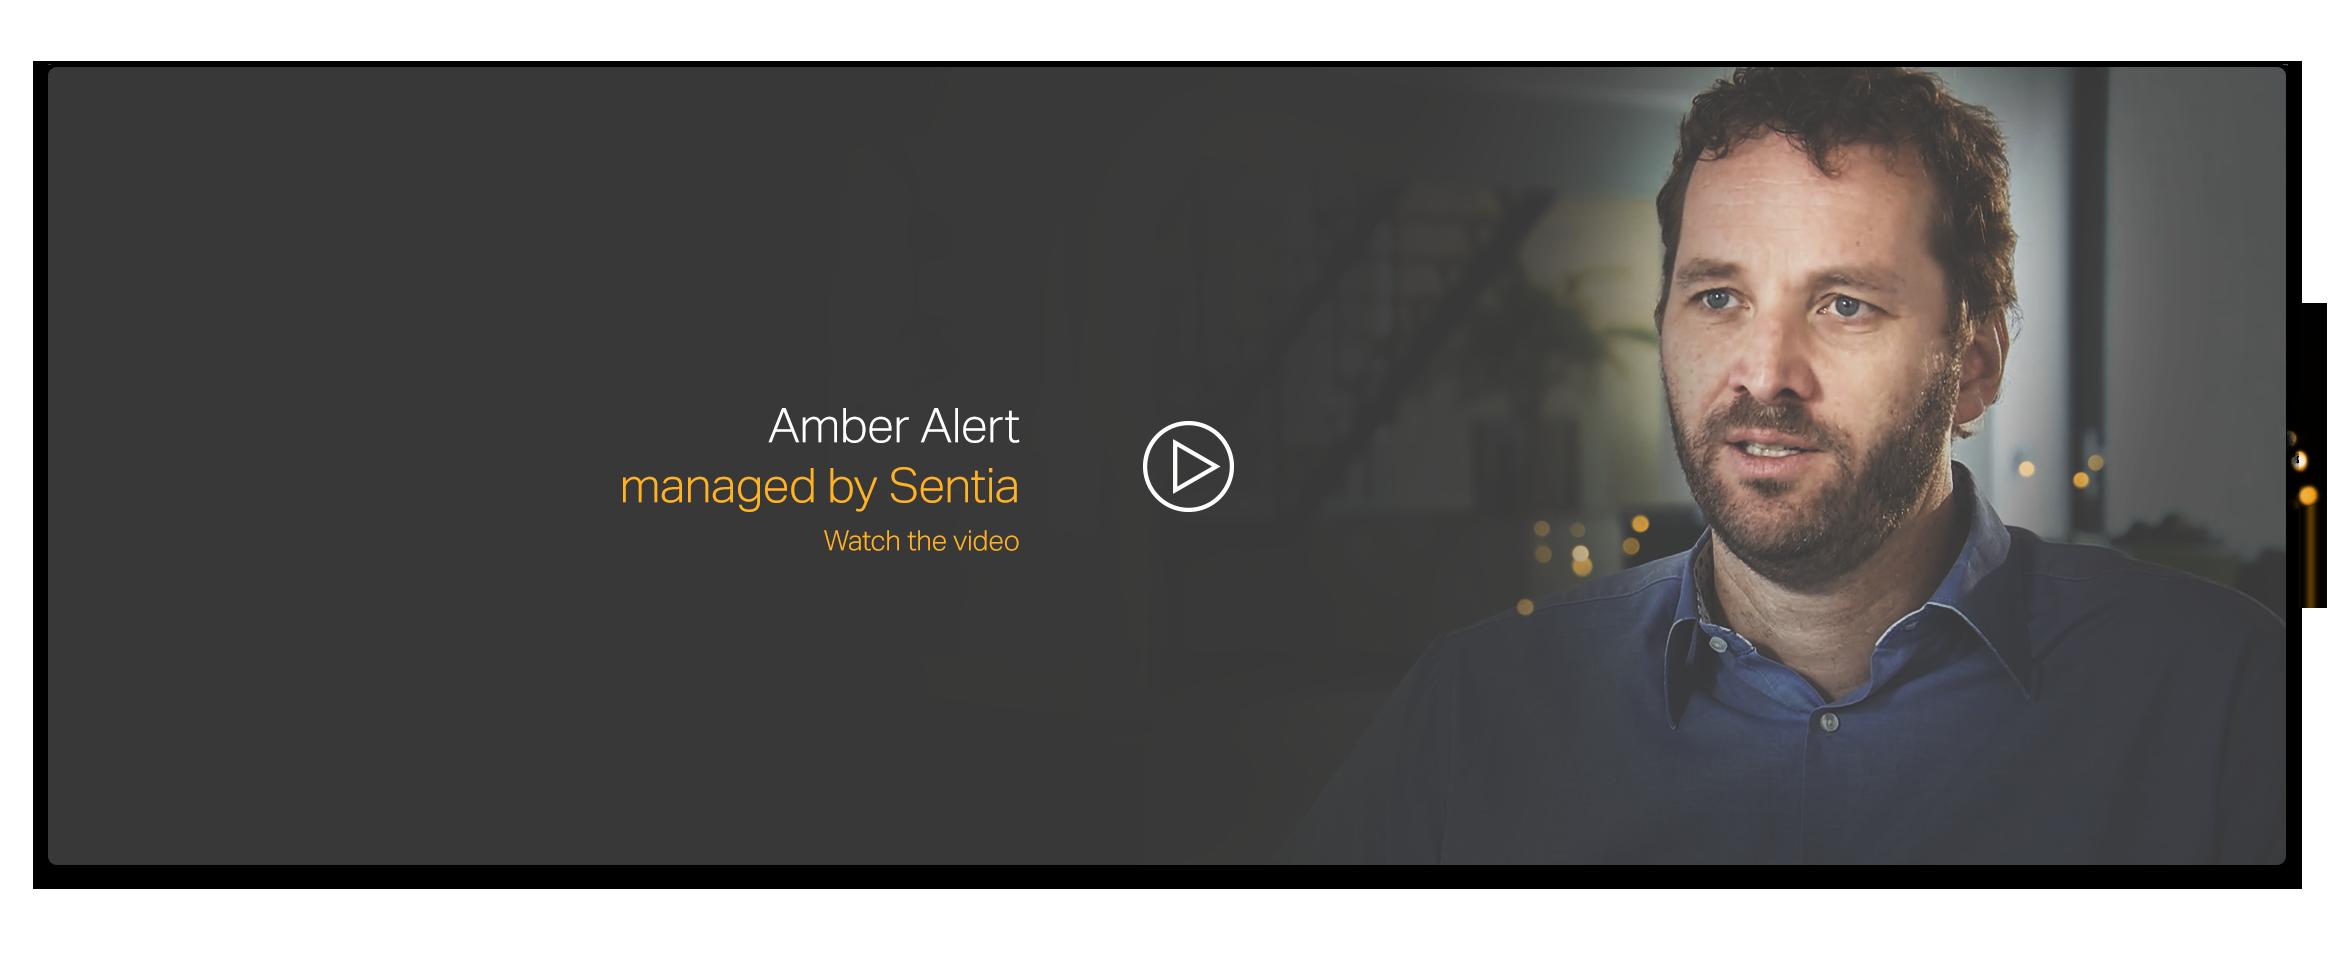 Amber Alert Video testimonial